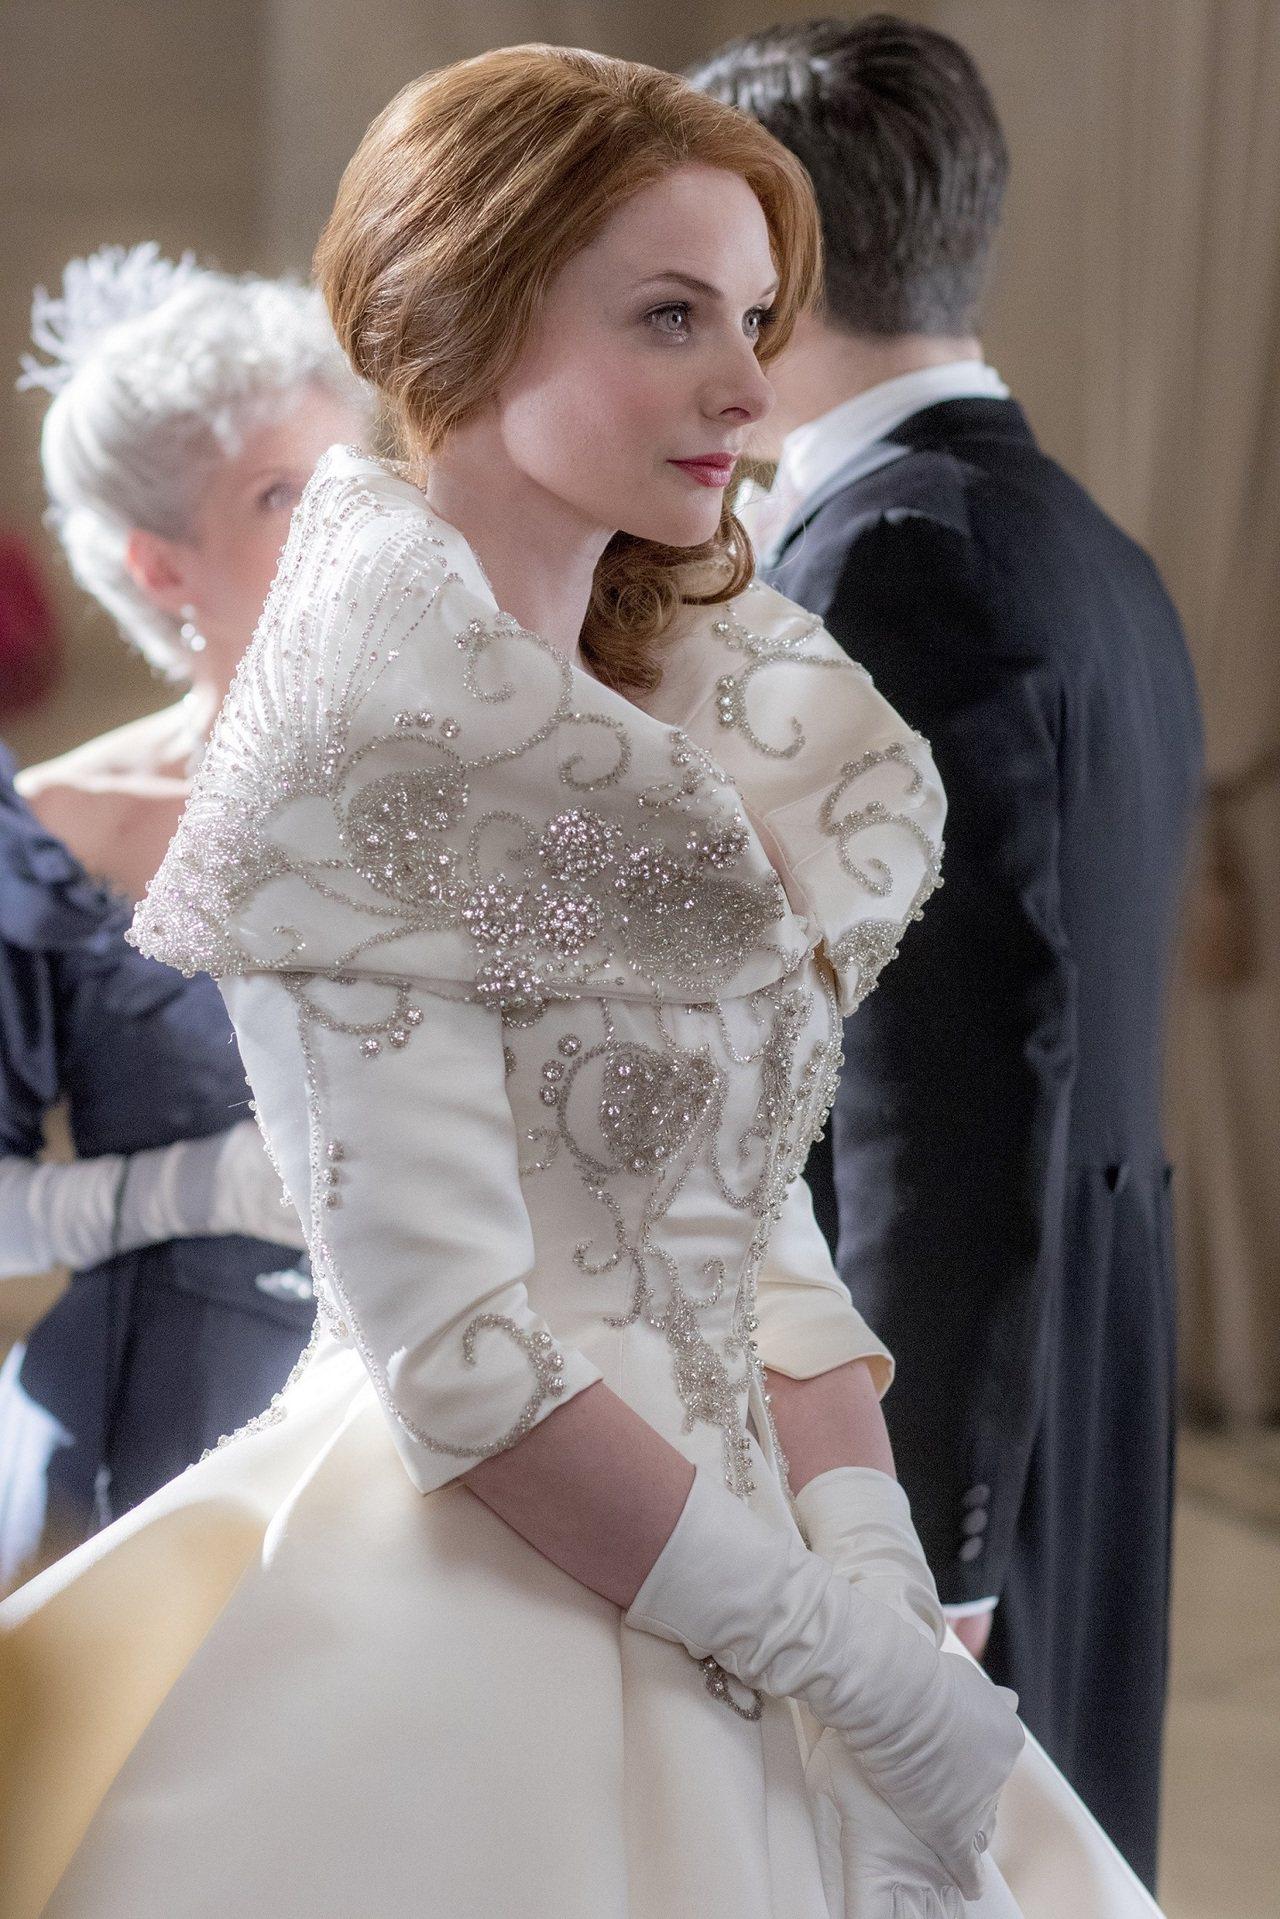 氣質女星蕾貝卡弗格森演繹的女高音Jenny Lind,穿著表面綴以Swarovs...